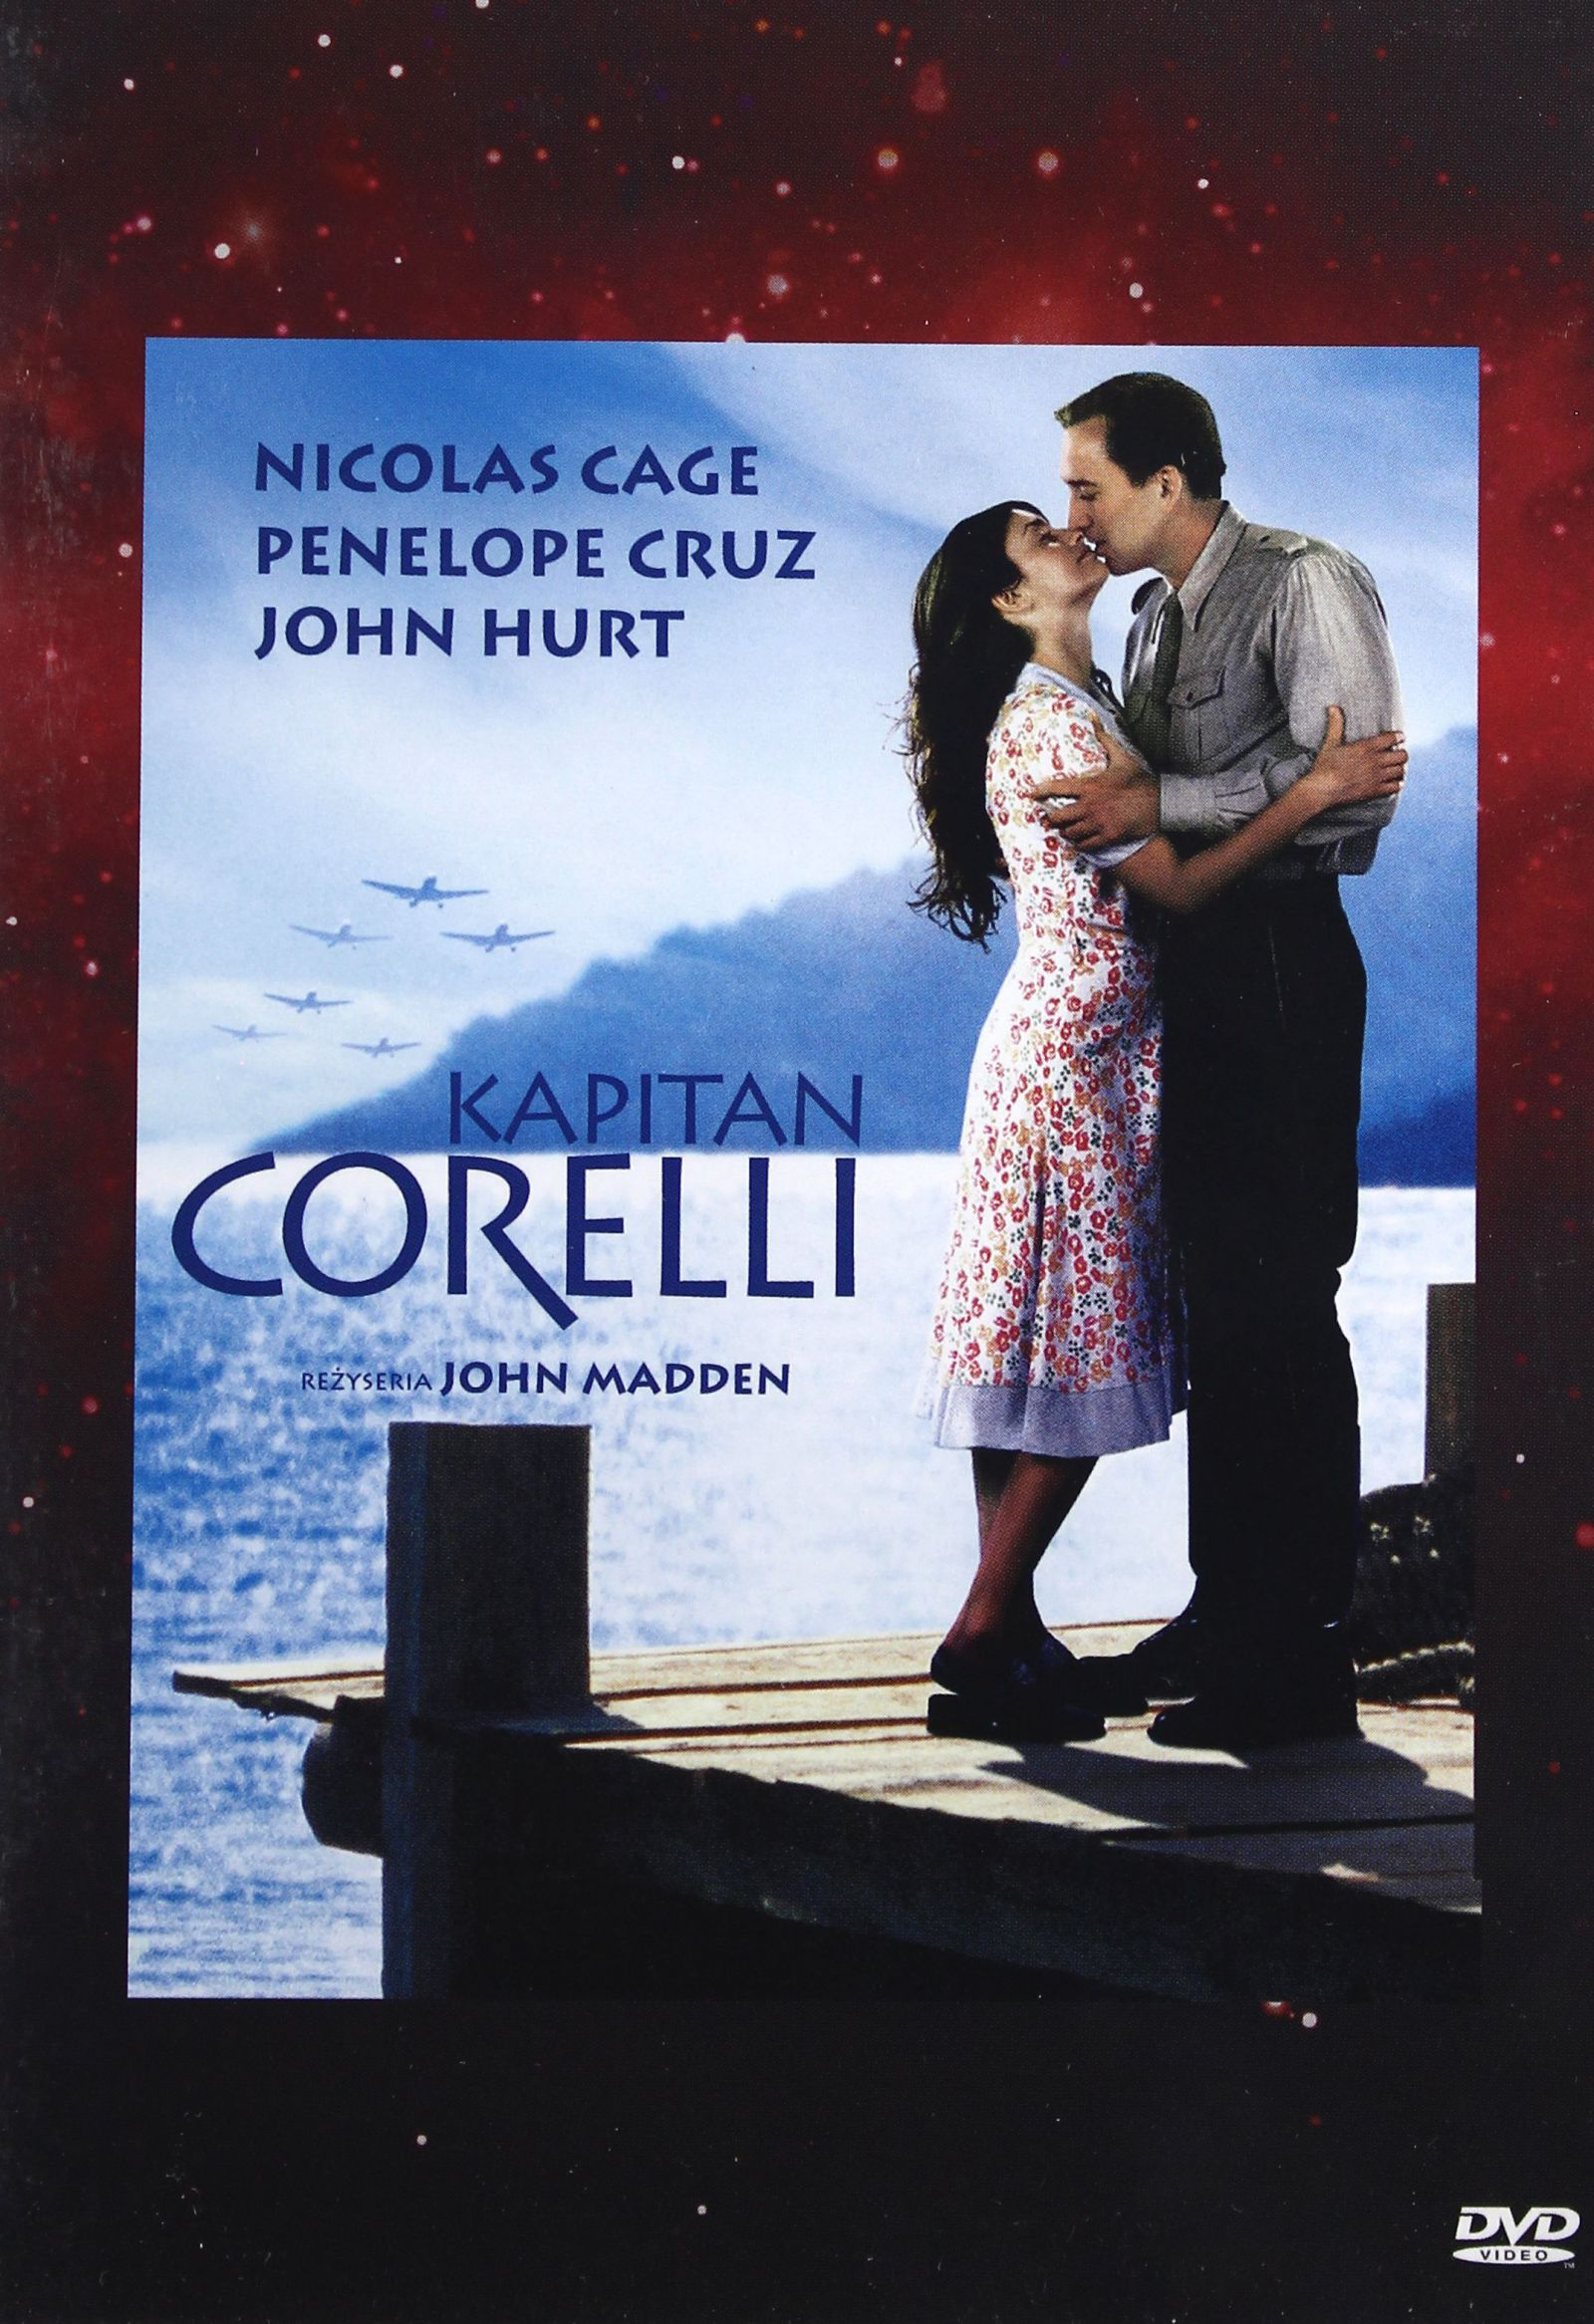 KAPITAN CORELLI (DVD)